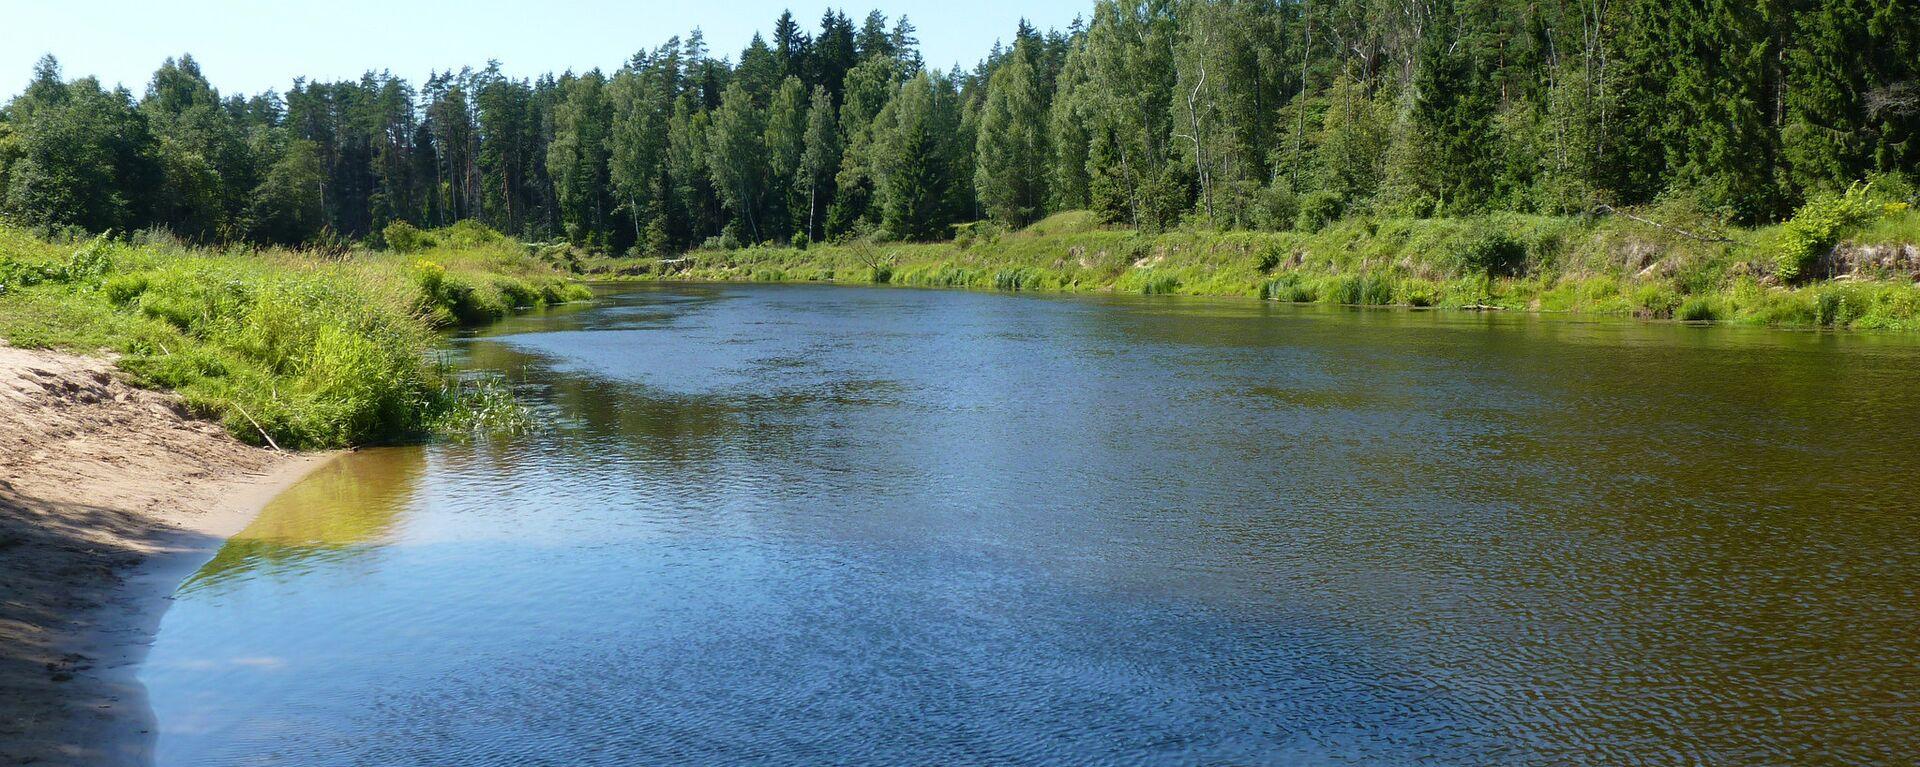 Река Гауя - Sputnik Латвия, 1920, 05.07.2021